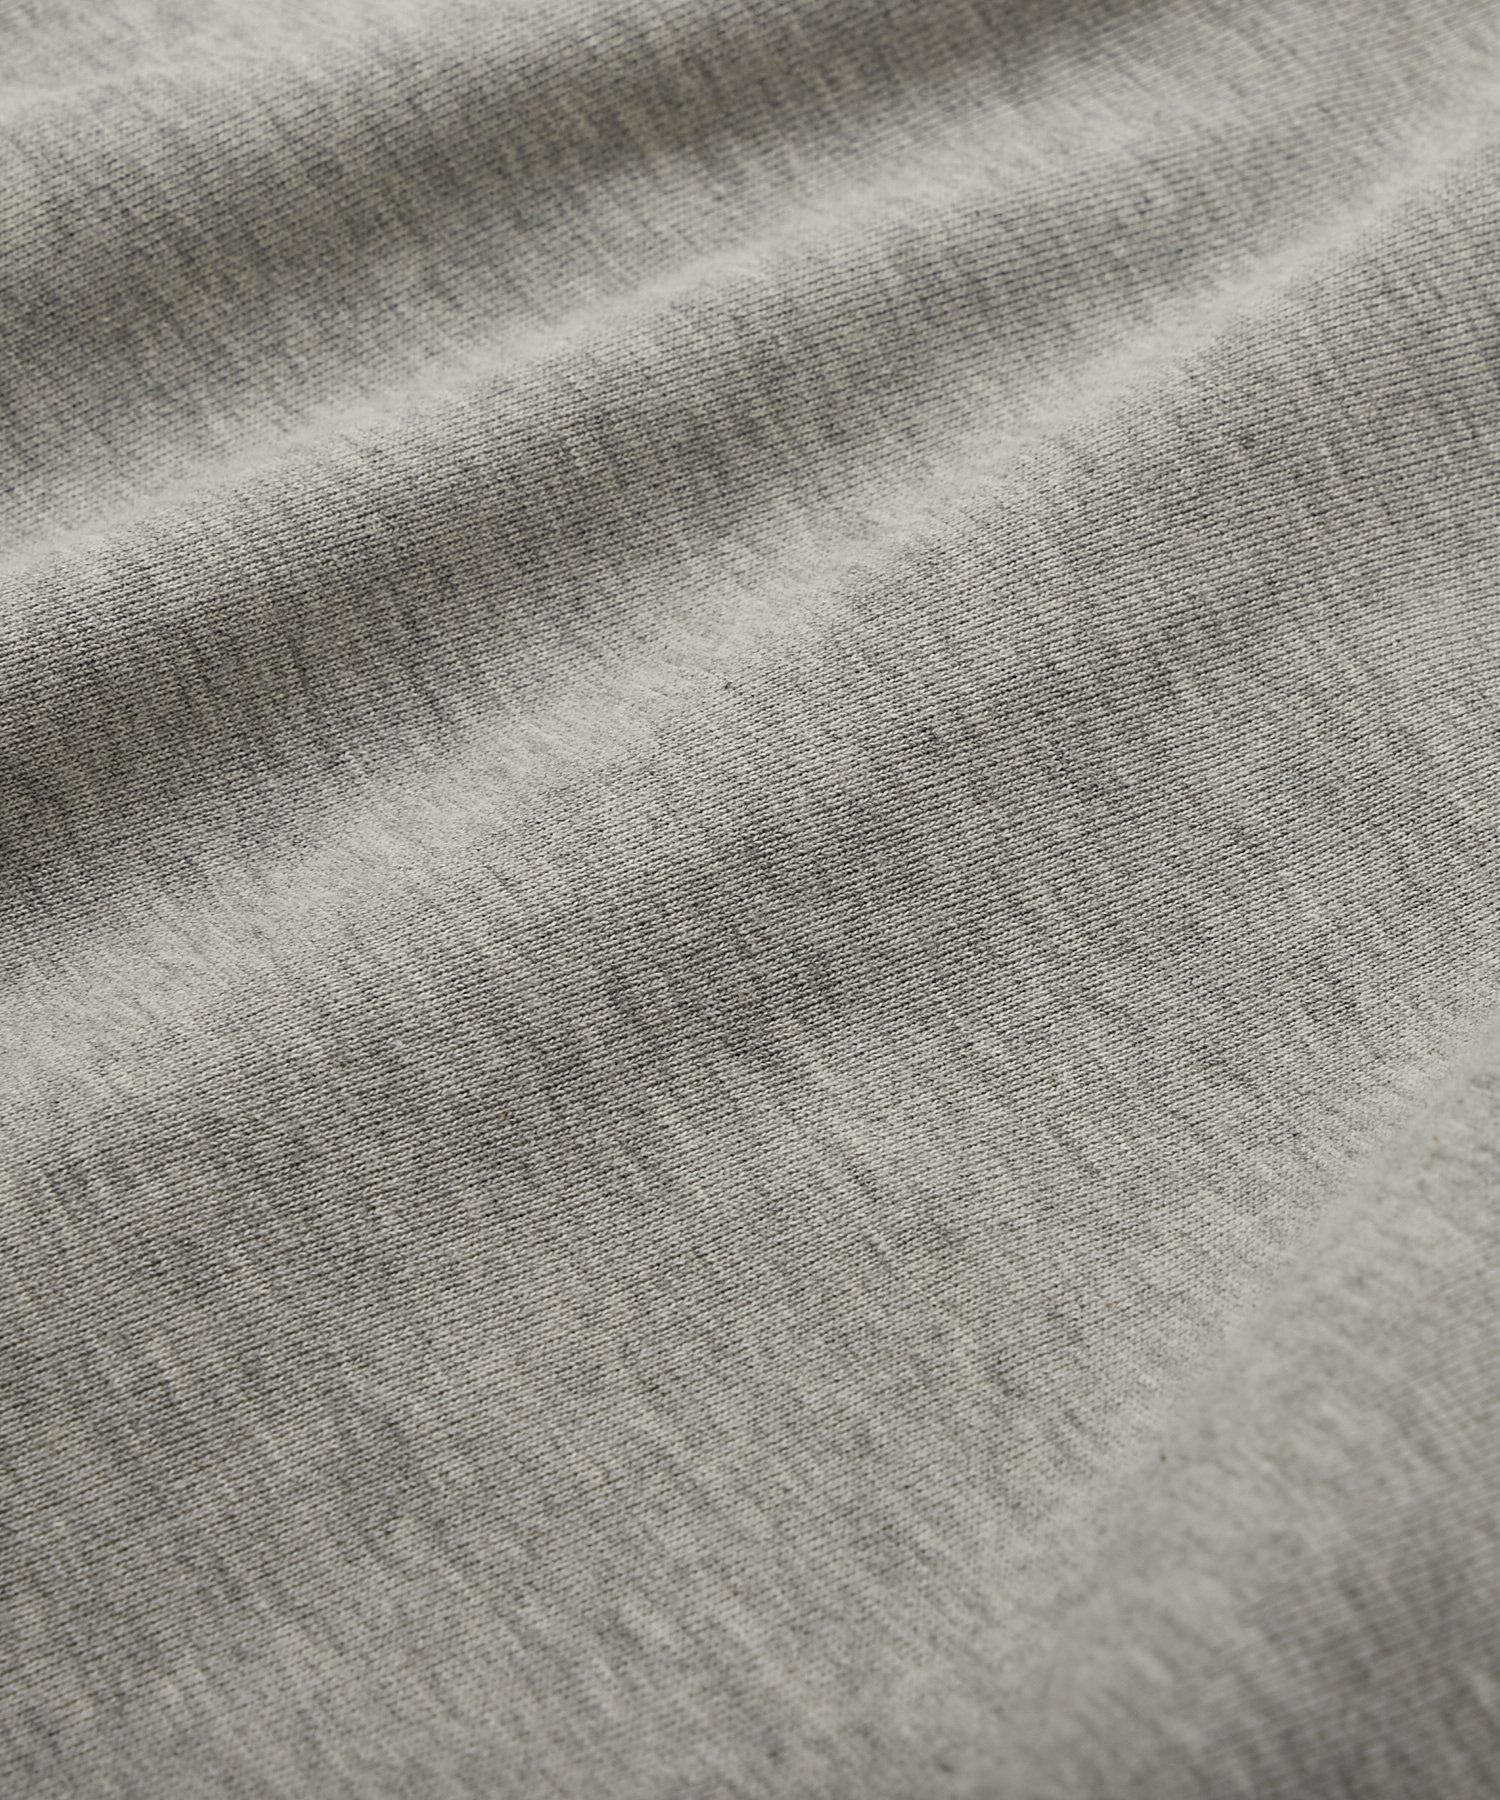 OUTLET premium(アウトレット プレミアム) 【《レイヤードスタイルが楽しめる》手洗い可】裏毛フーディワンピース